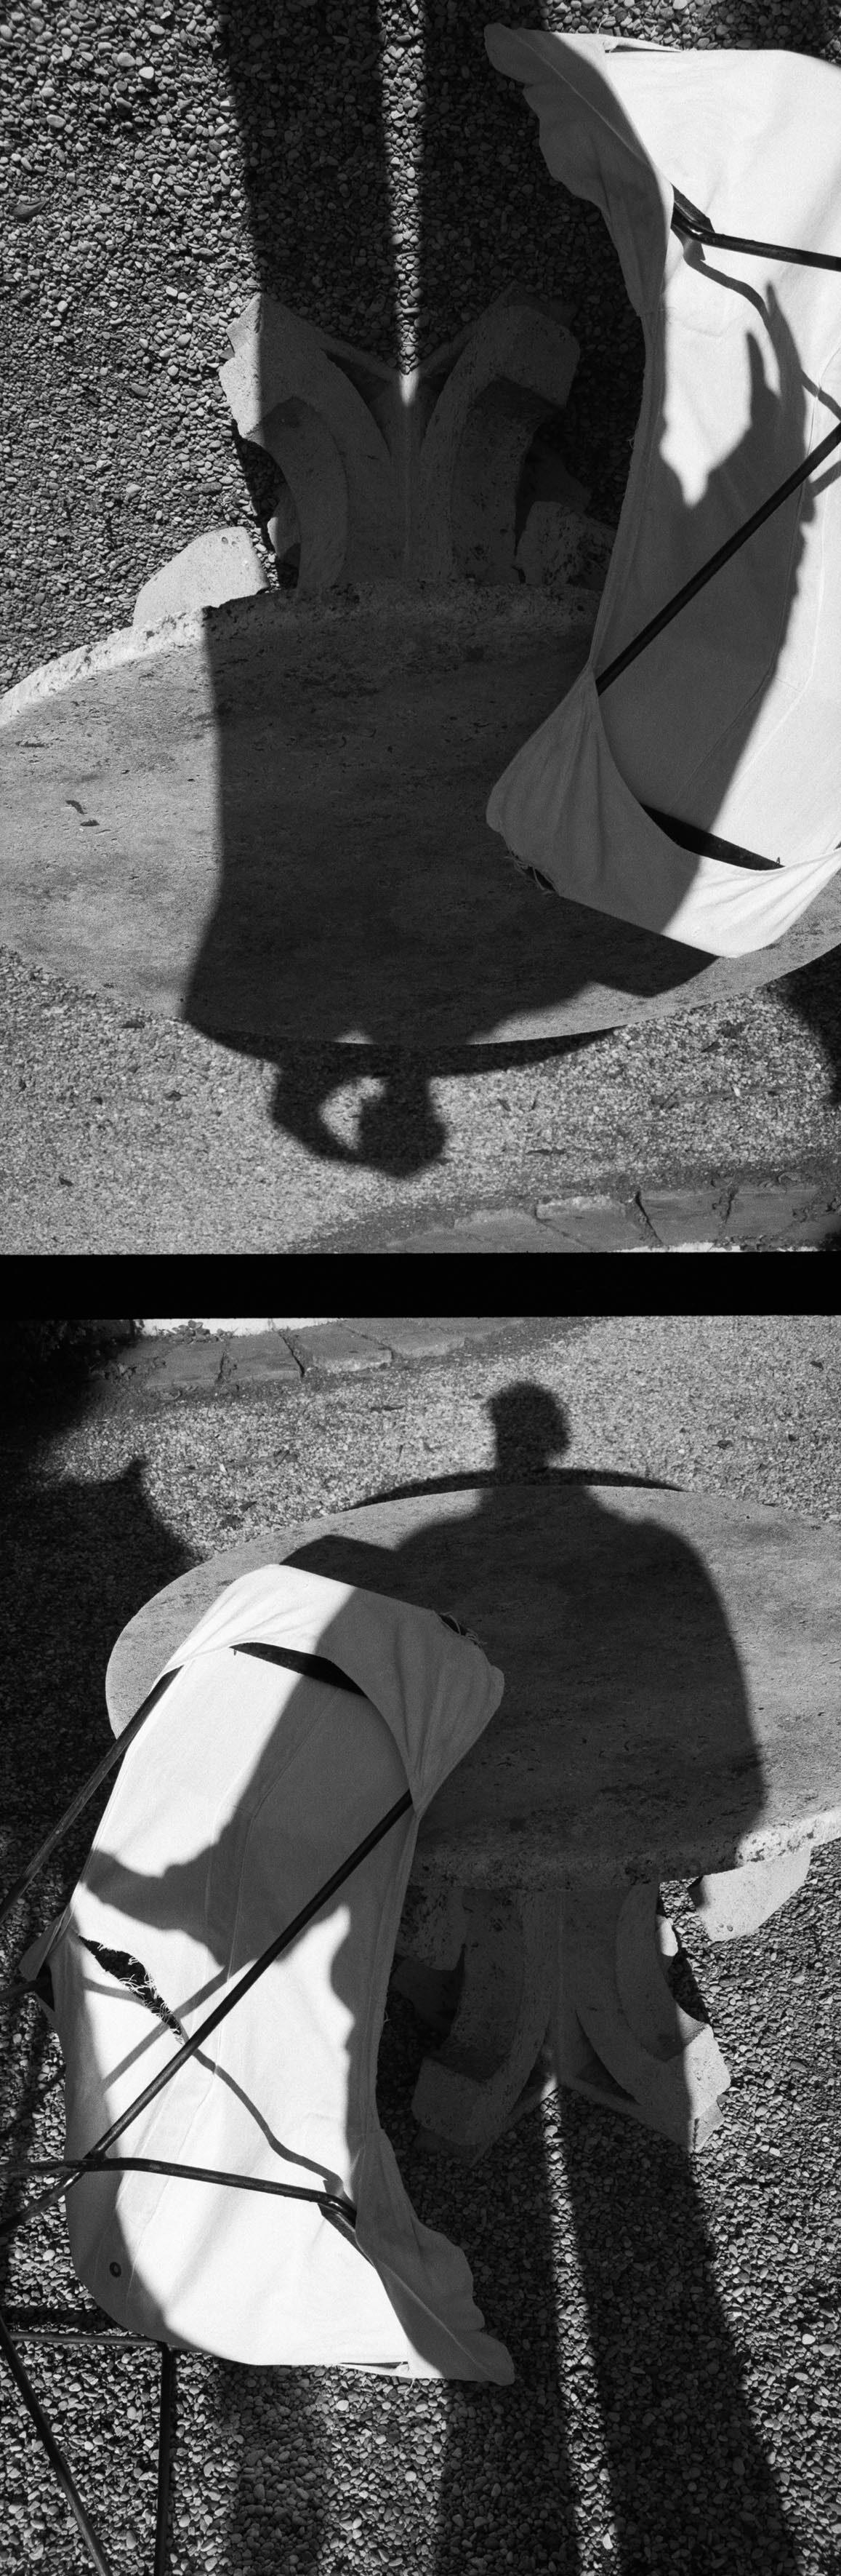 063-1989-21-22-30x40-denis-roche-fisheyelemag